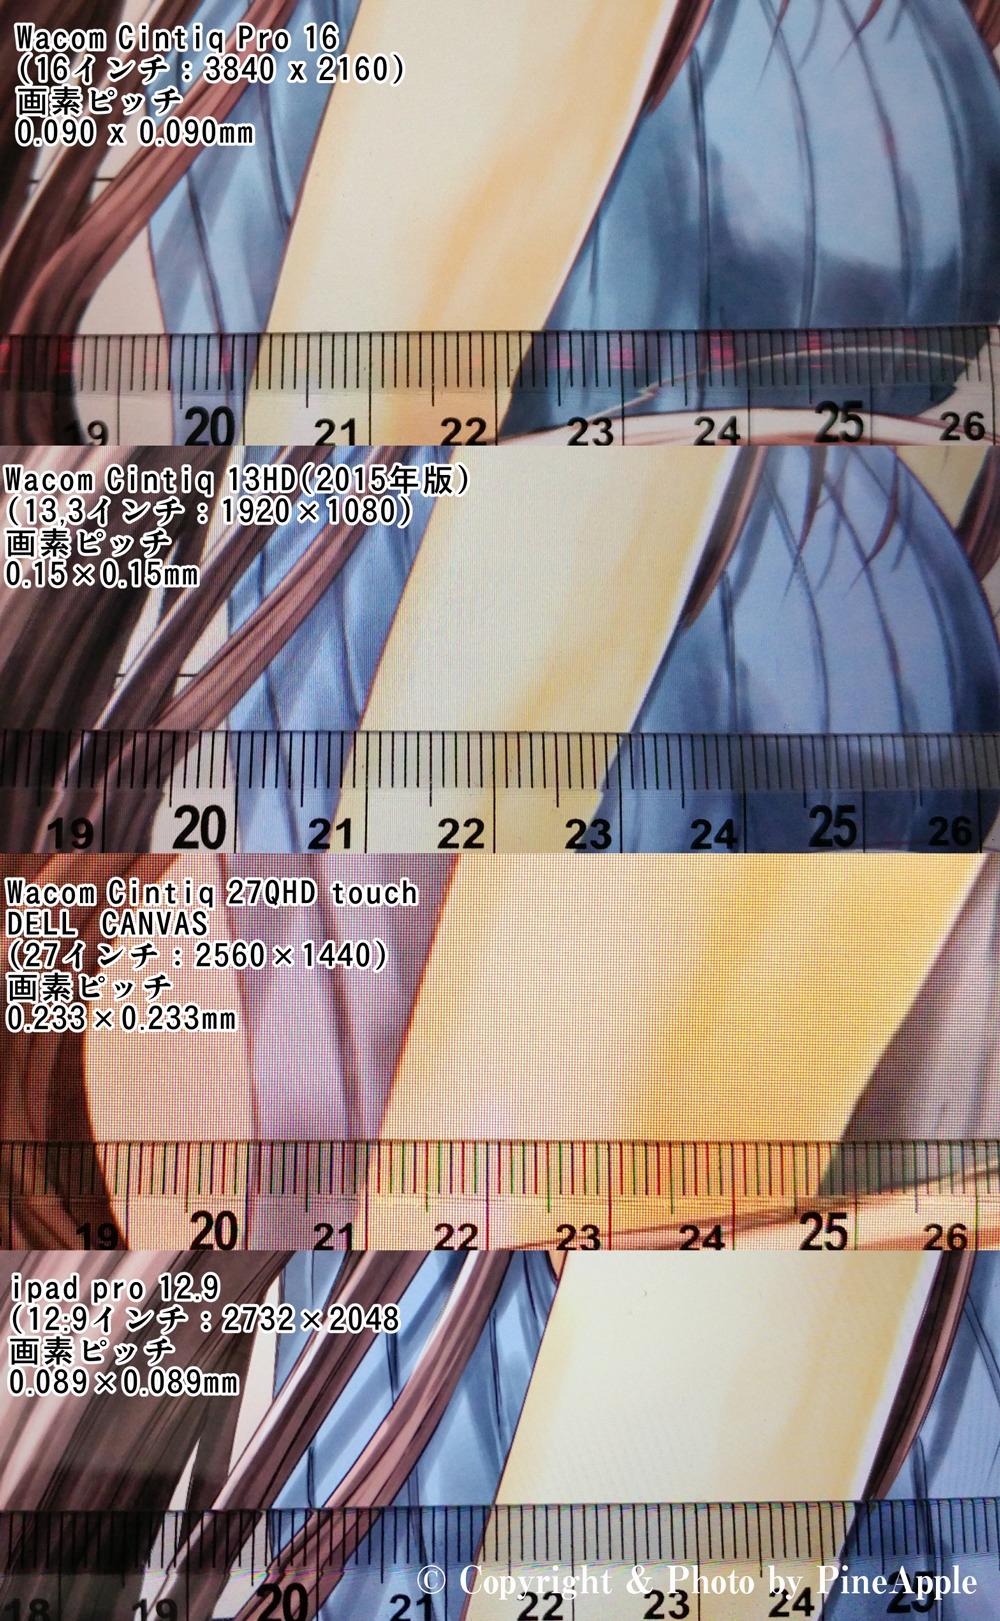 各液晶タブレットの画素ピッチ参考